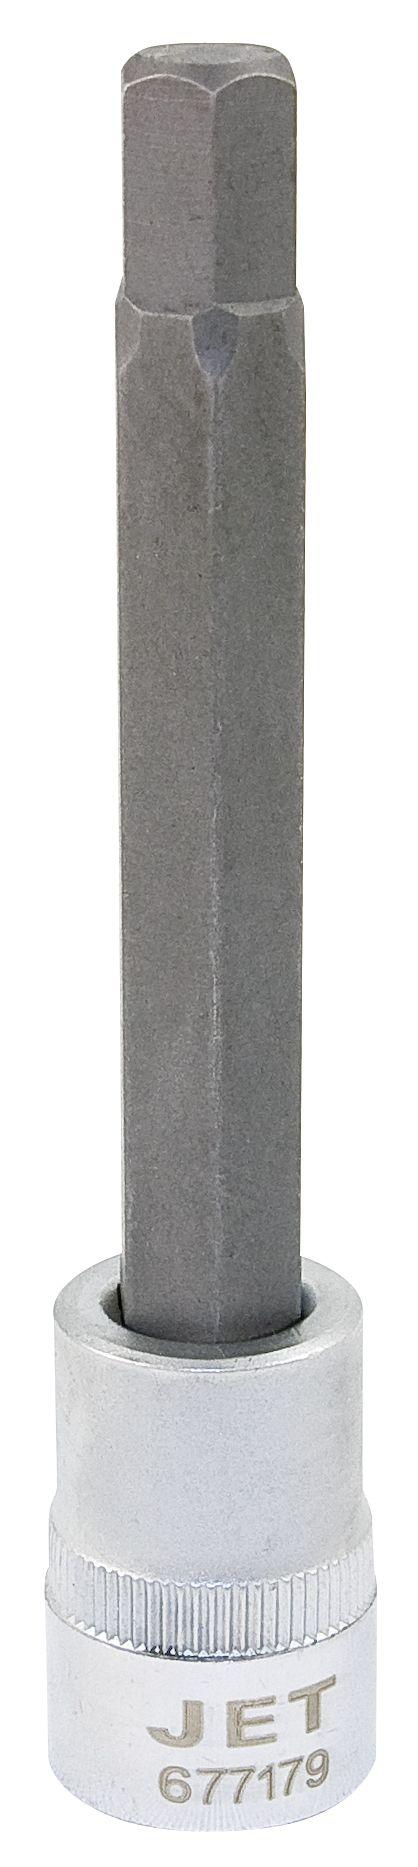 Jet 677180 Douille hexagonale 10mm à prise 3/8